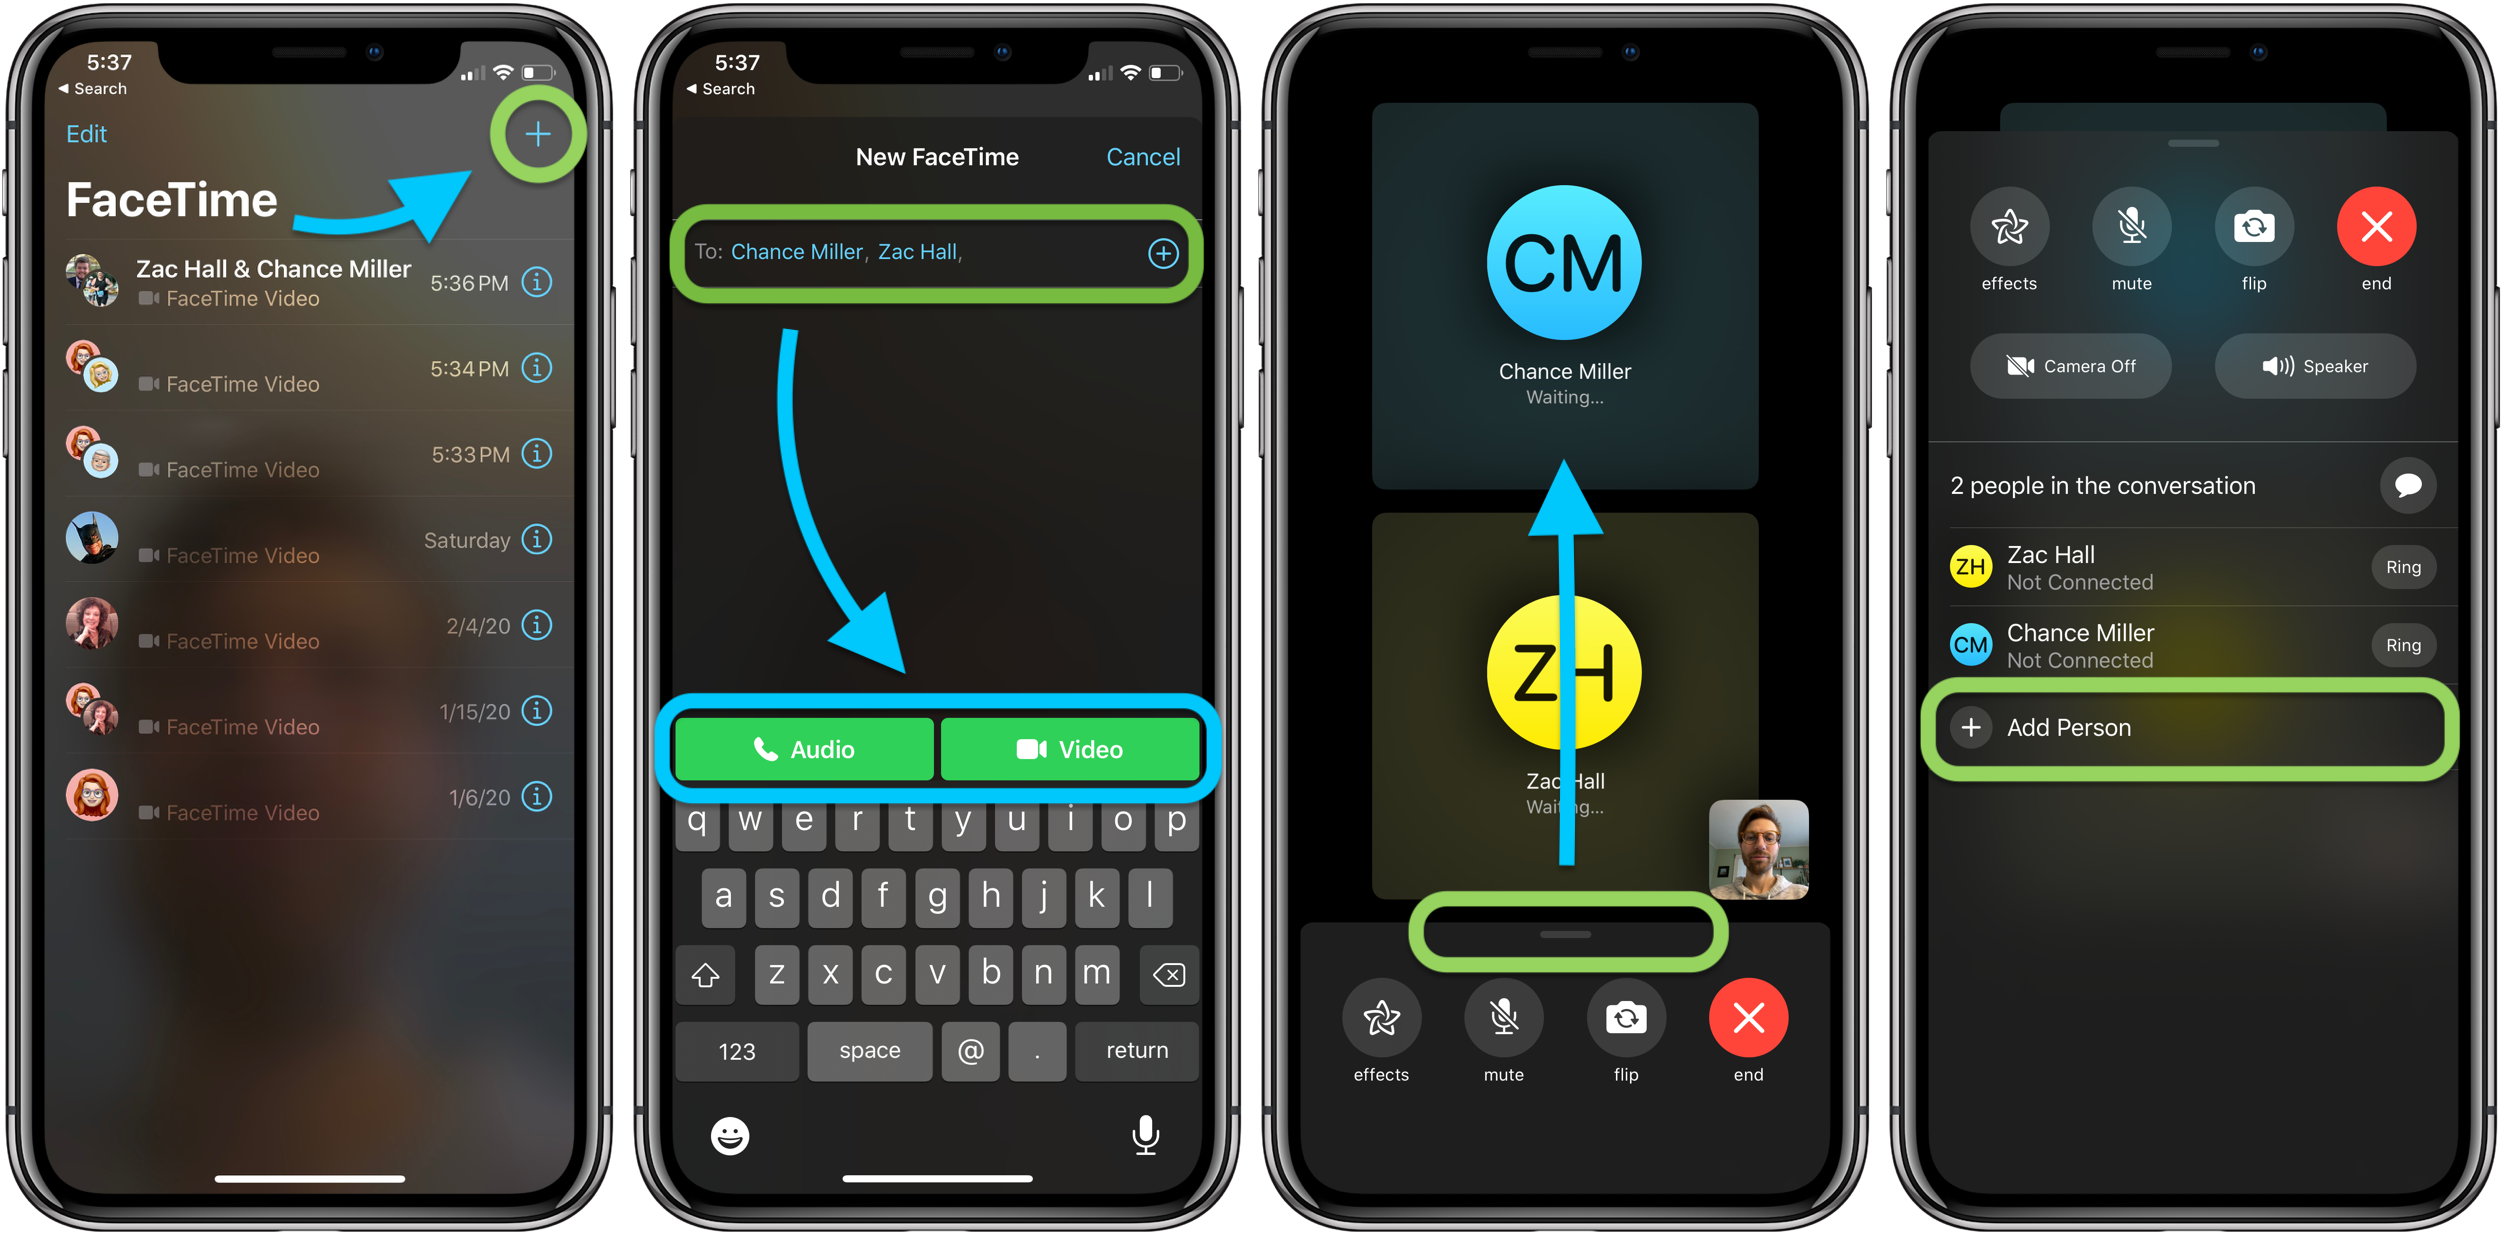 """<span href=""""https://9to5mac.com/2020/03/23/group-facetime-on-iphone-ipad/"""">¿Cómo utilizar el Grupo FaceTime en el iPhone y el iPad</a>"""